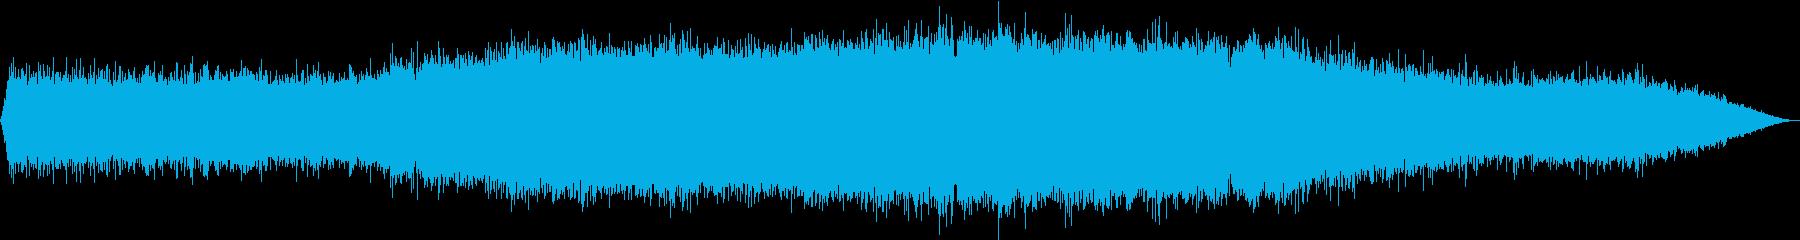 夏のセミの鳴き声の再生済みの波形